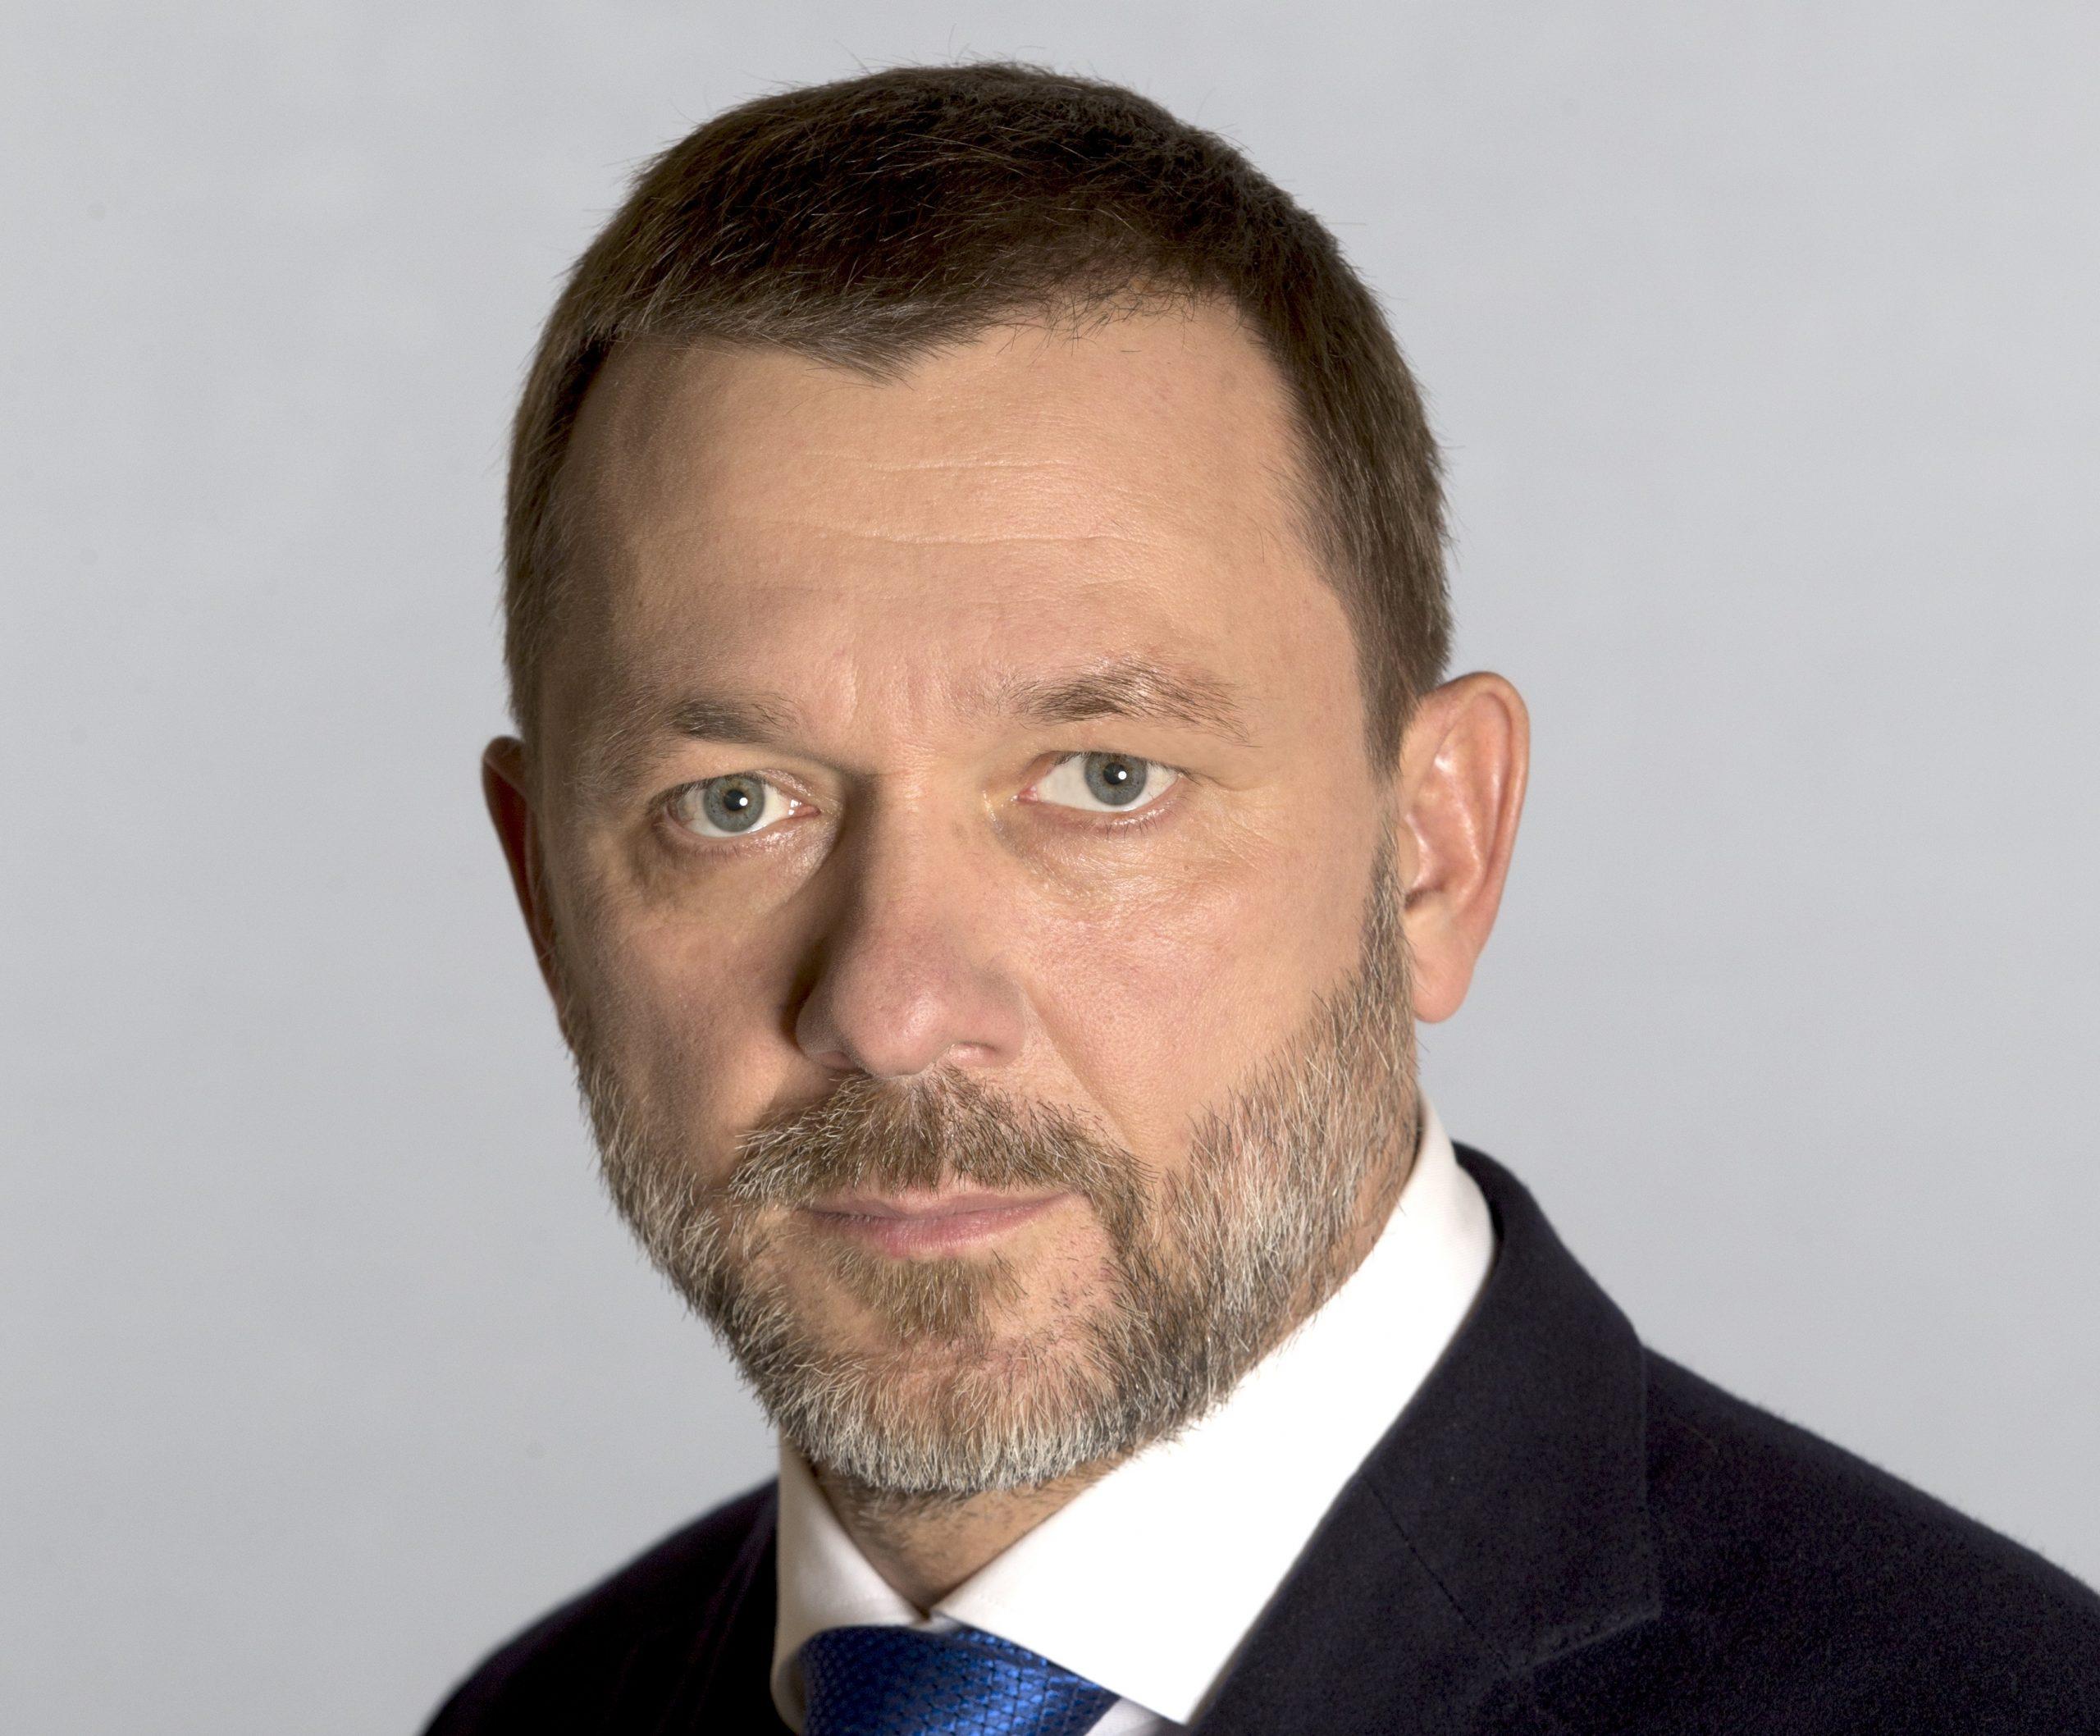 Дмитрий Саблин: Защитить тех, кому нужна помощь